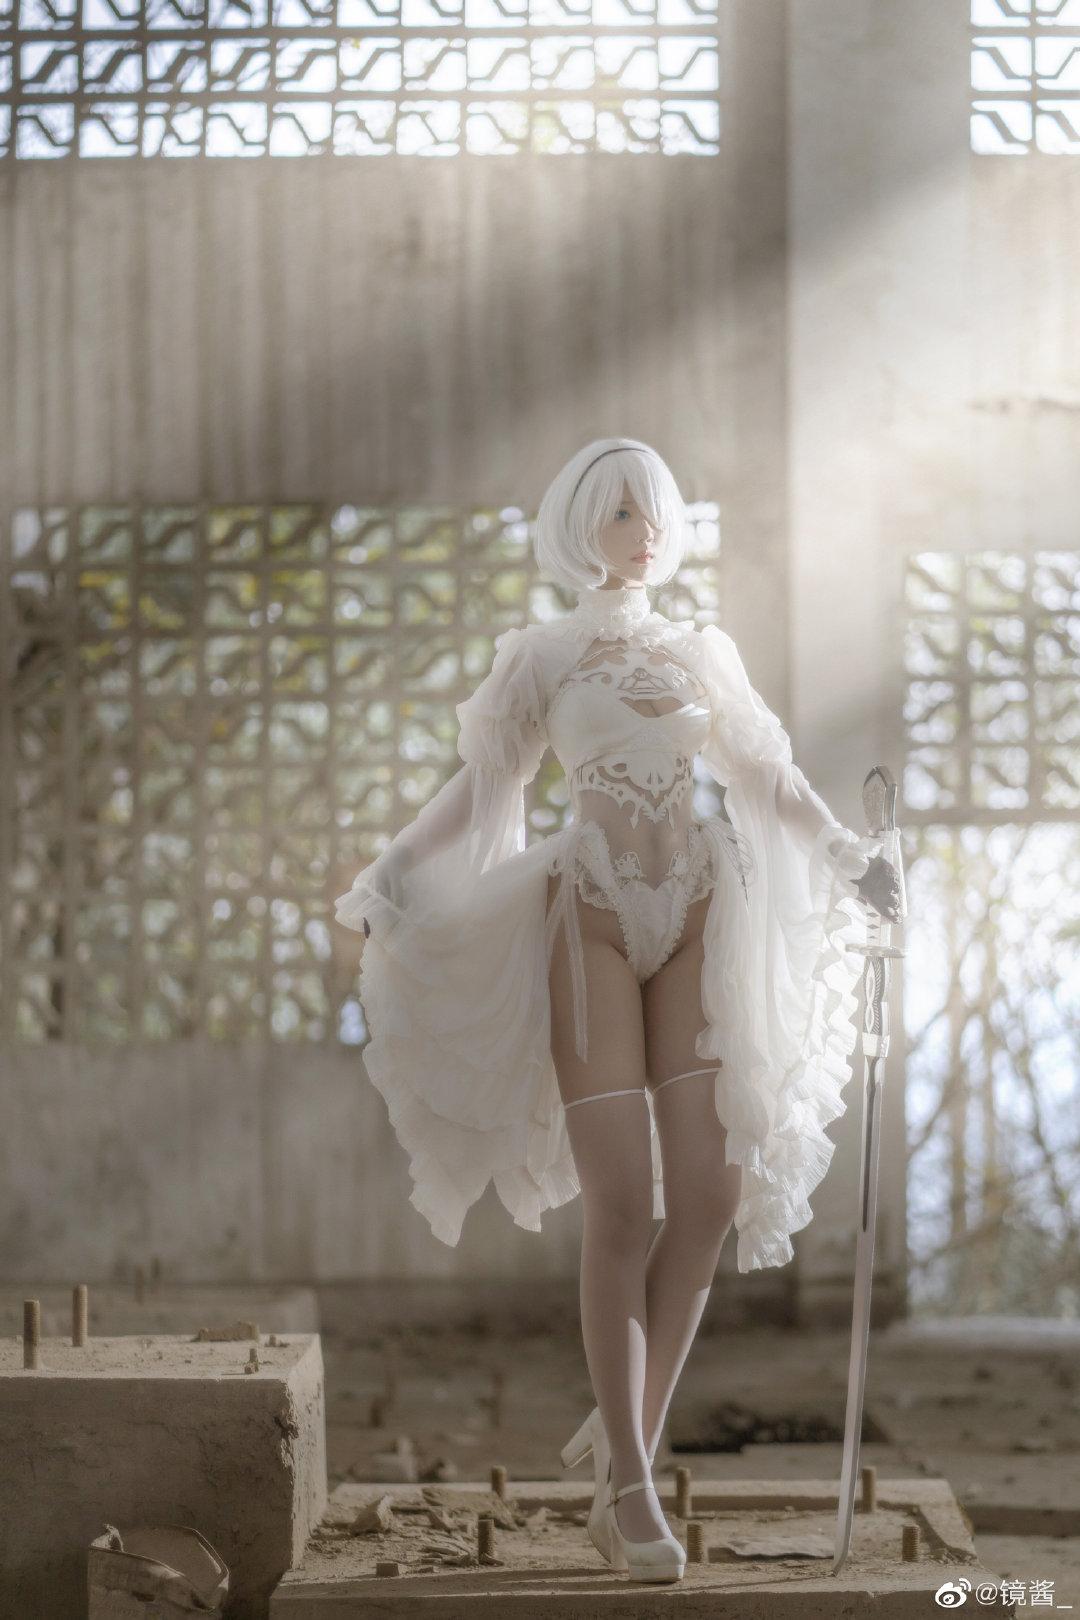 [COS]镜酱 #尼尔:机械纪元#2b白色婚纱 COSPLAY-第12张